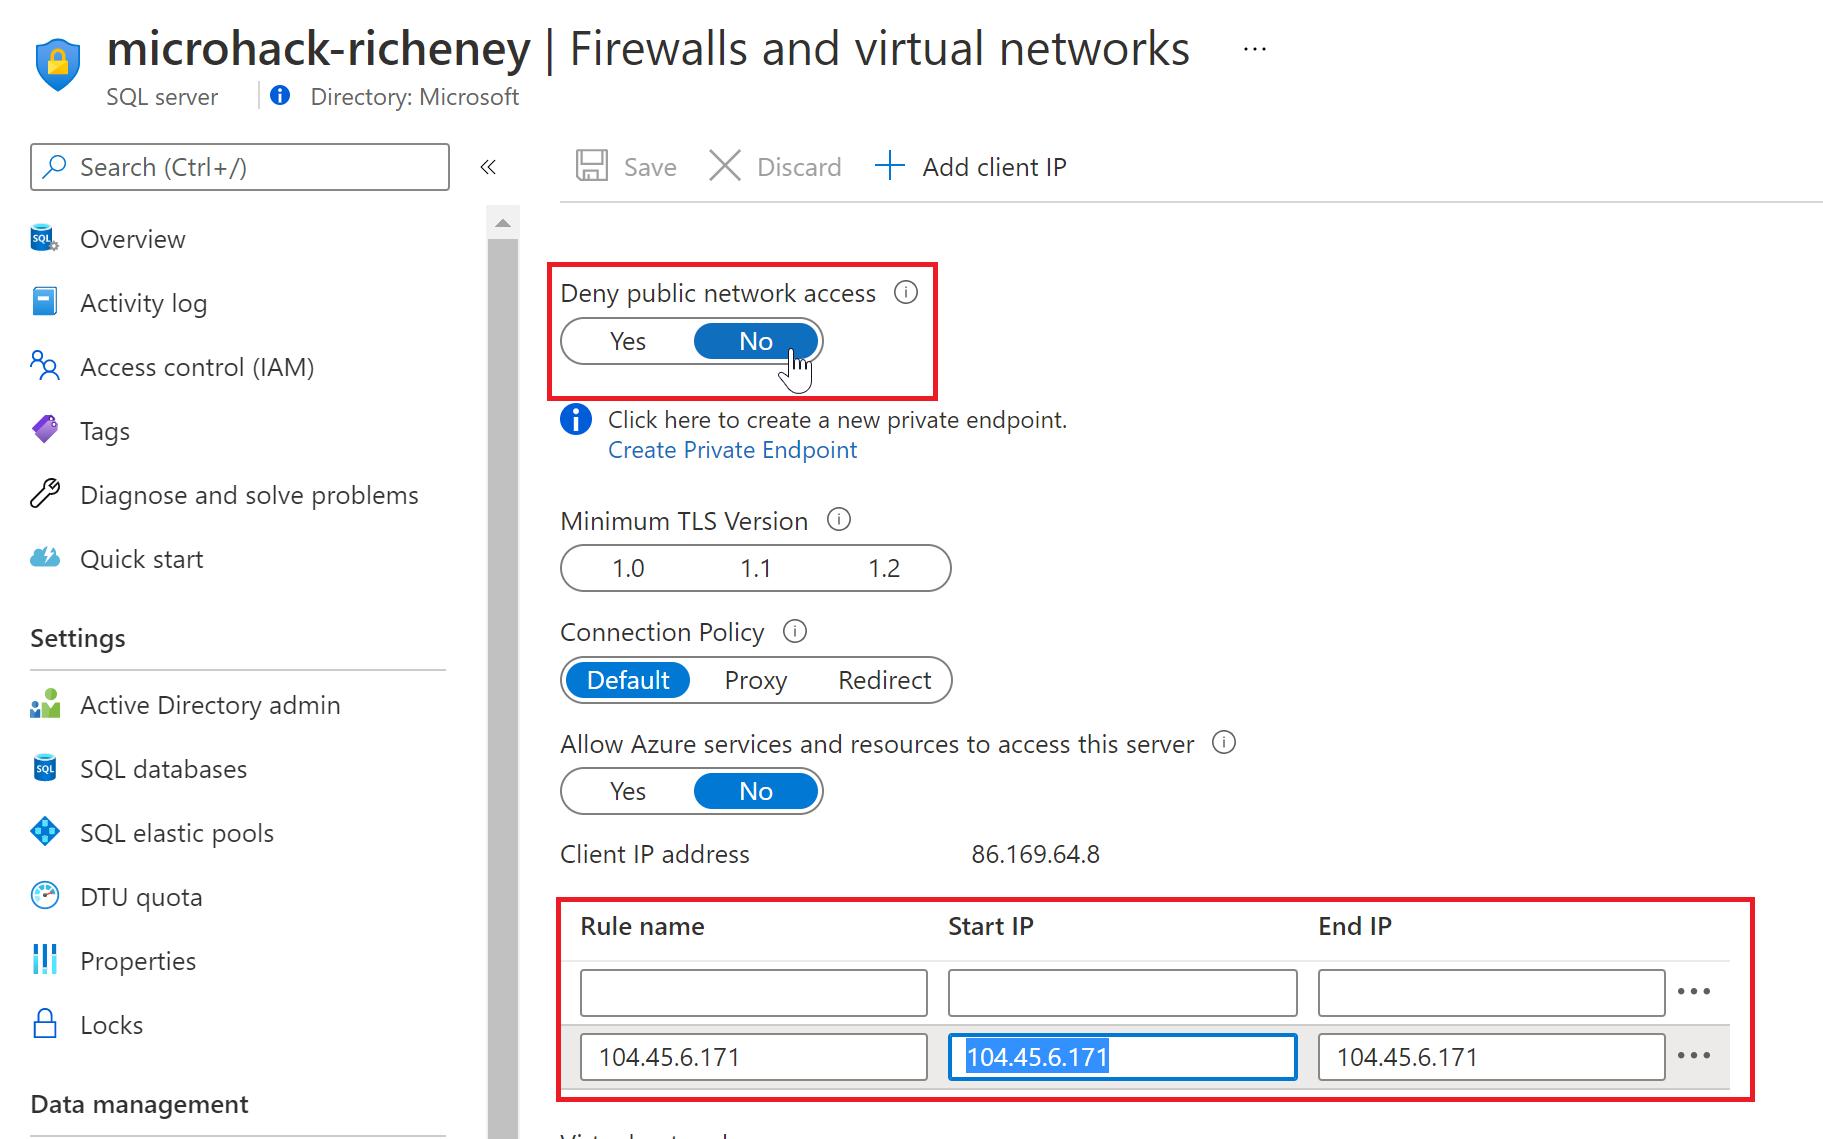 SQL server firewall